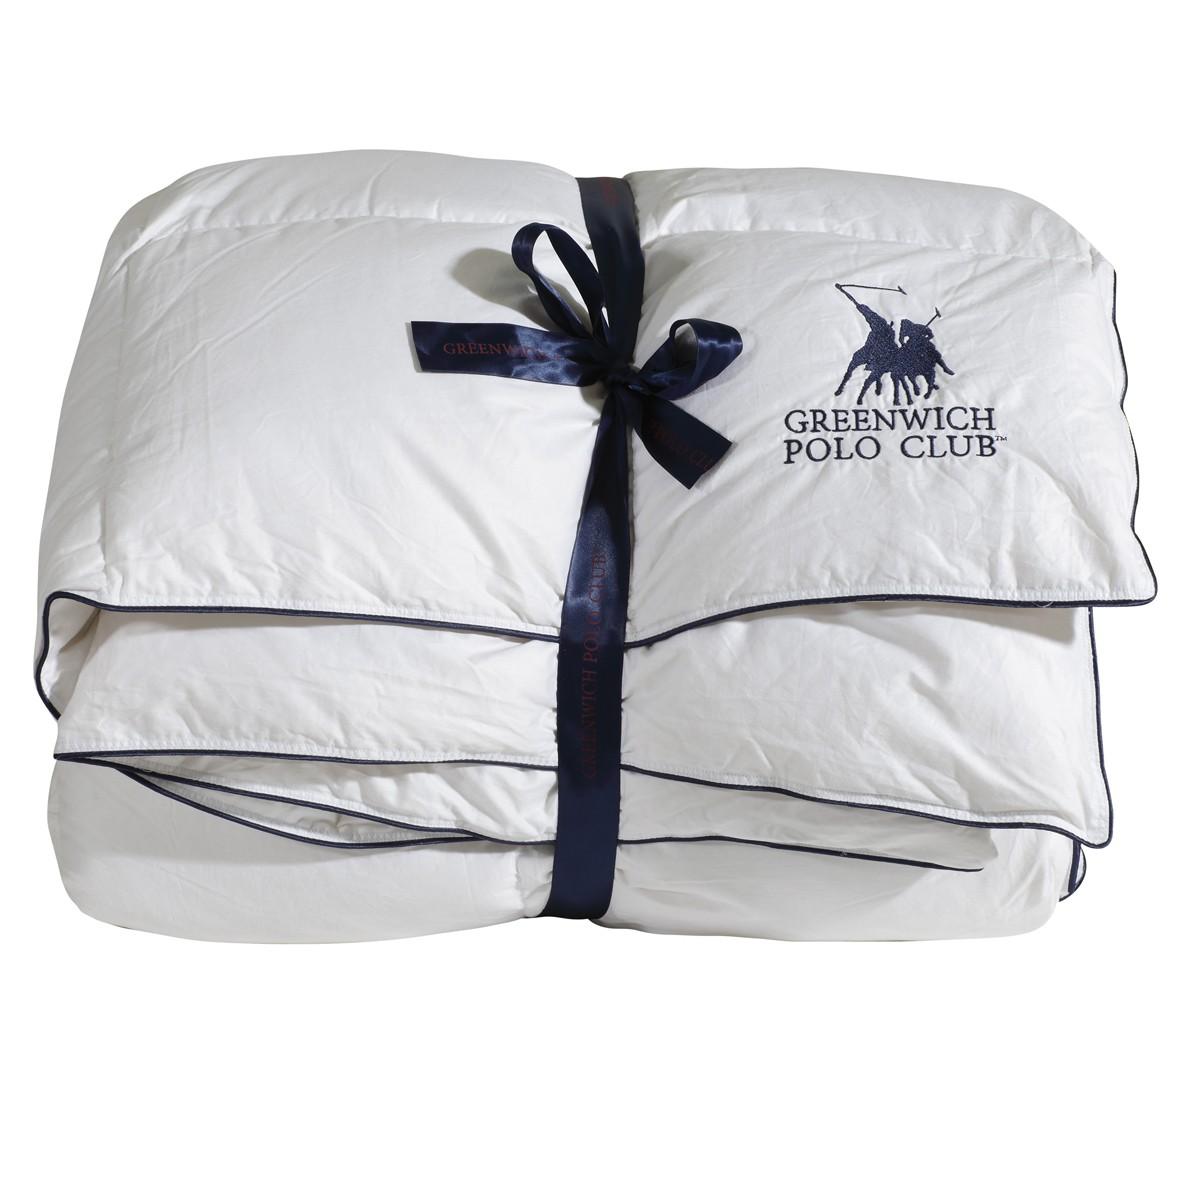 Πάπλωμα Πουπουλένιο Υπέρδιπλο Polo Club Premium Duvet 2301 home   κρεβατοκάμαρα   παπλώματα   παπλώματα πουπουλένια